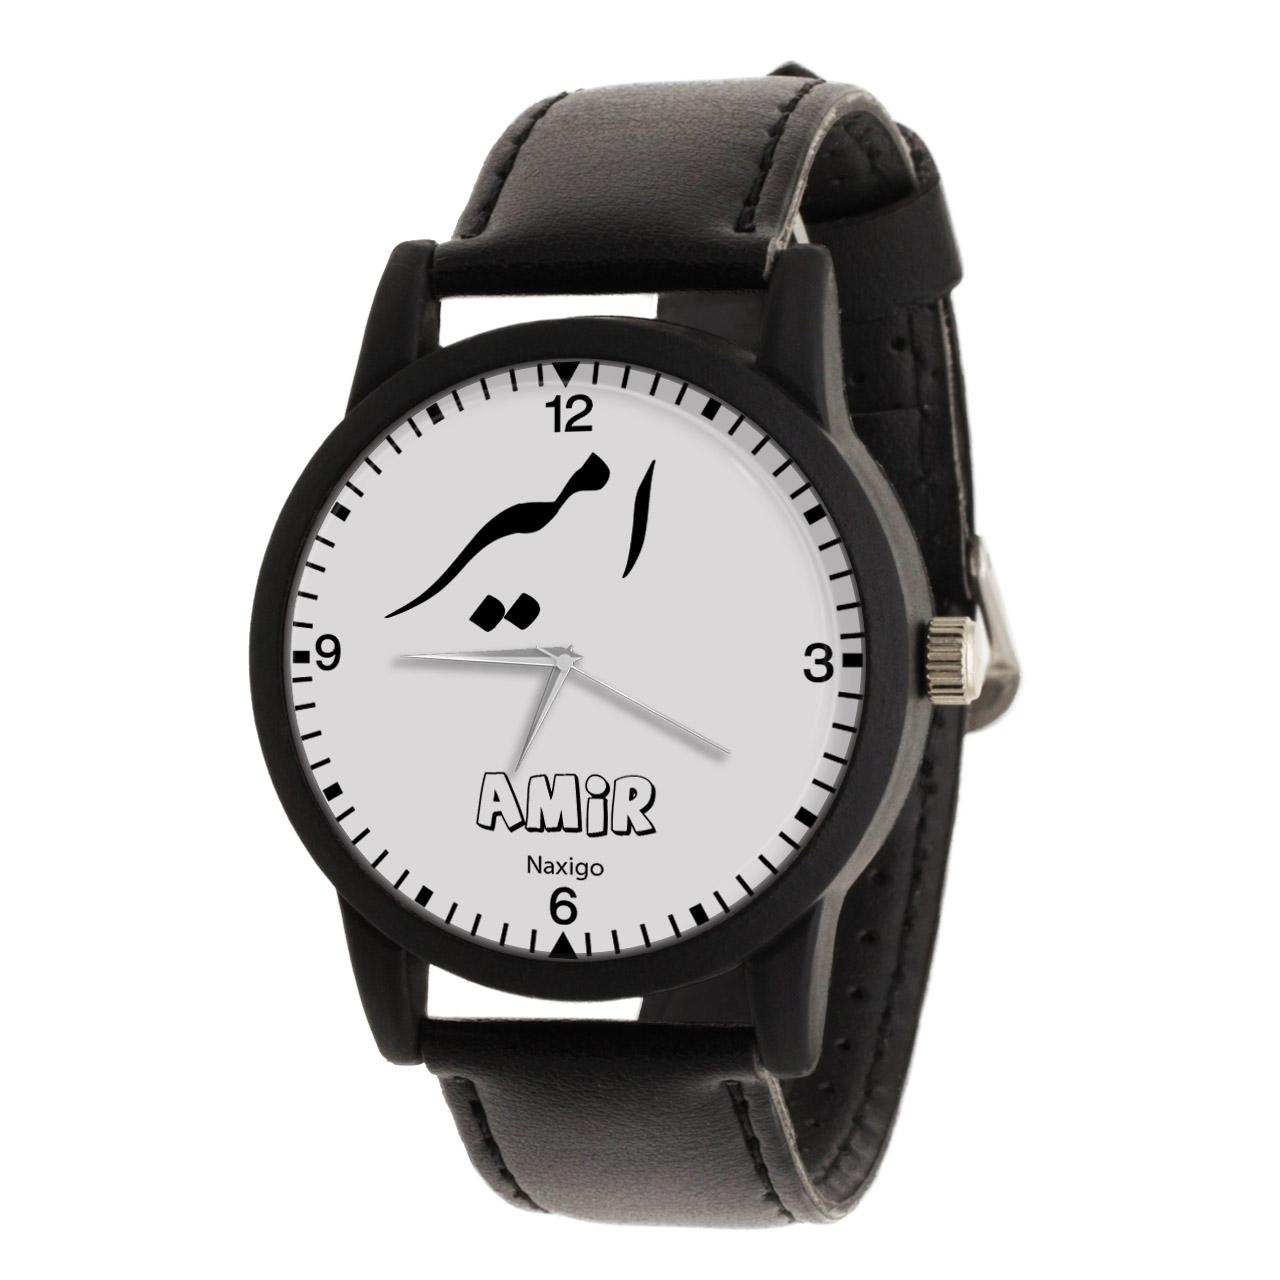 قیمت                      ساعت مچی عقربه ای مردانه ناکسیگو طرح امیر کد LF3345